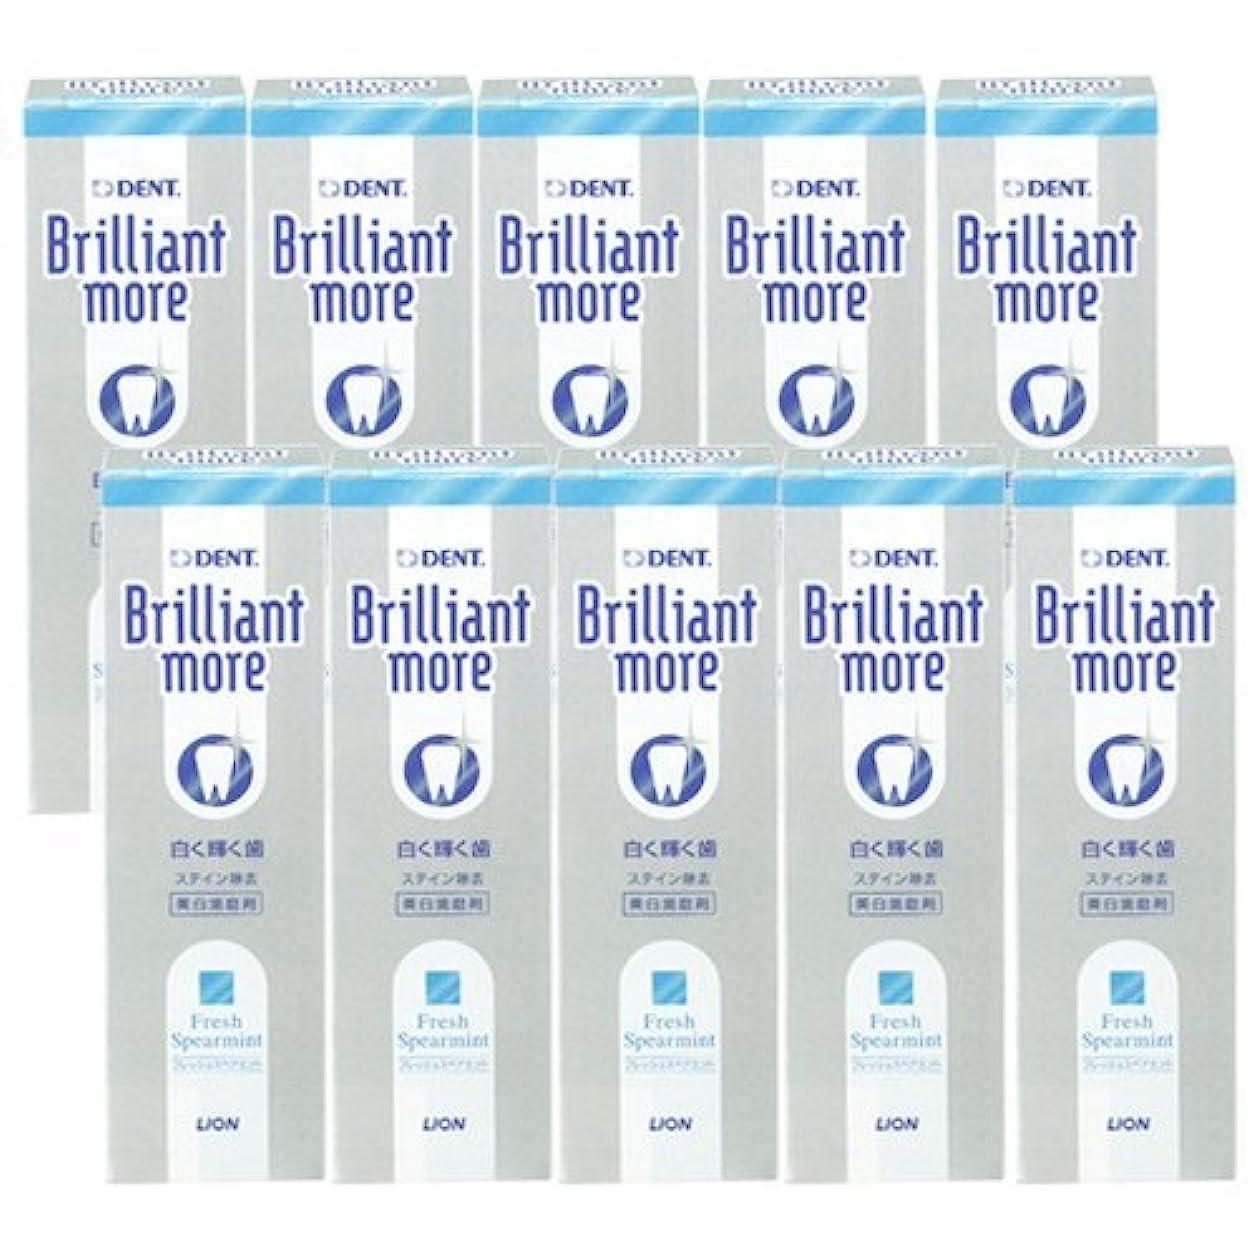 共和党さようなら最もライオン ブリリアントモア フレッシュスペアミント 美白歯磨剤 LION Brilliant more 10本セット